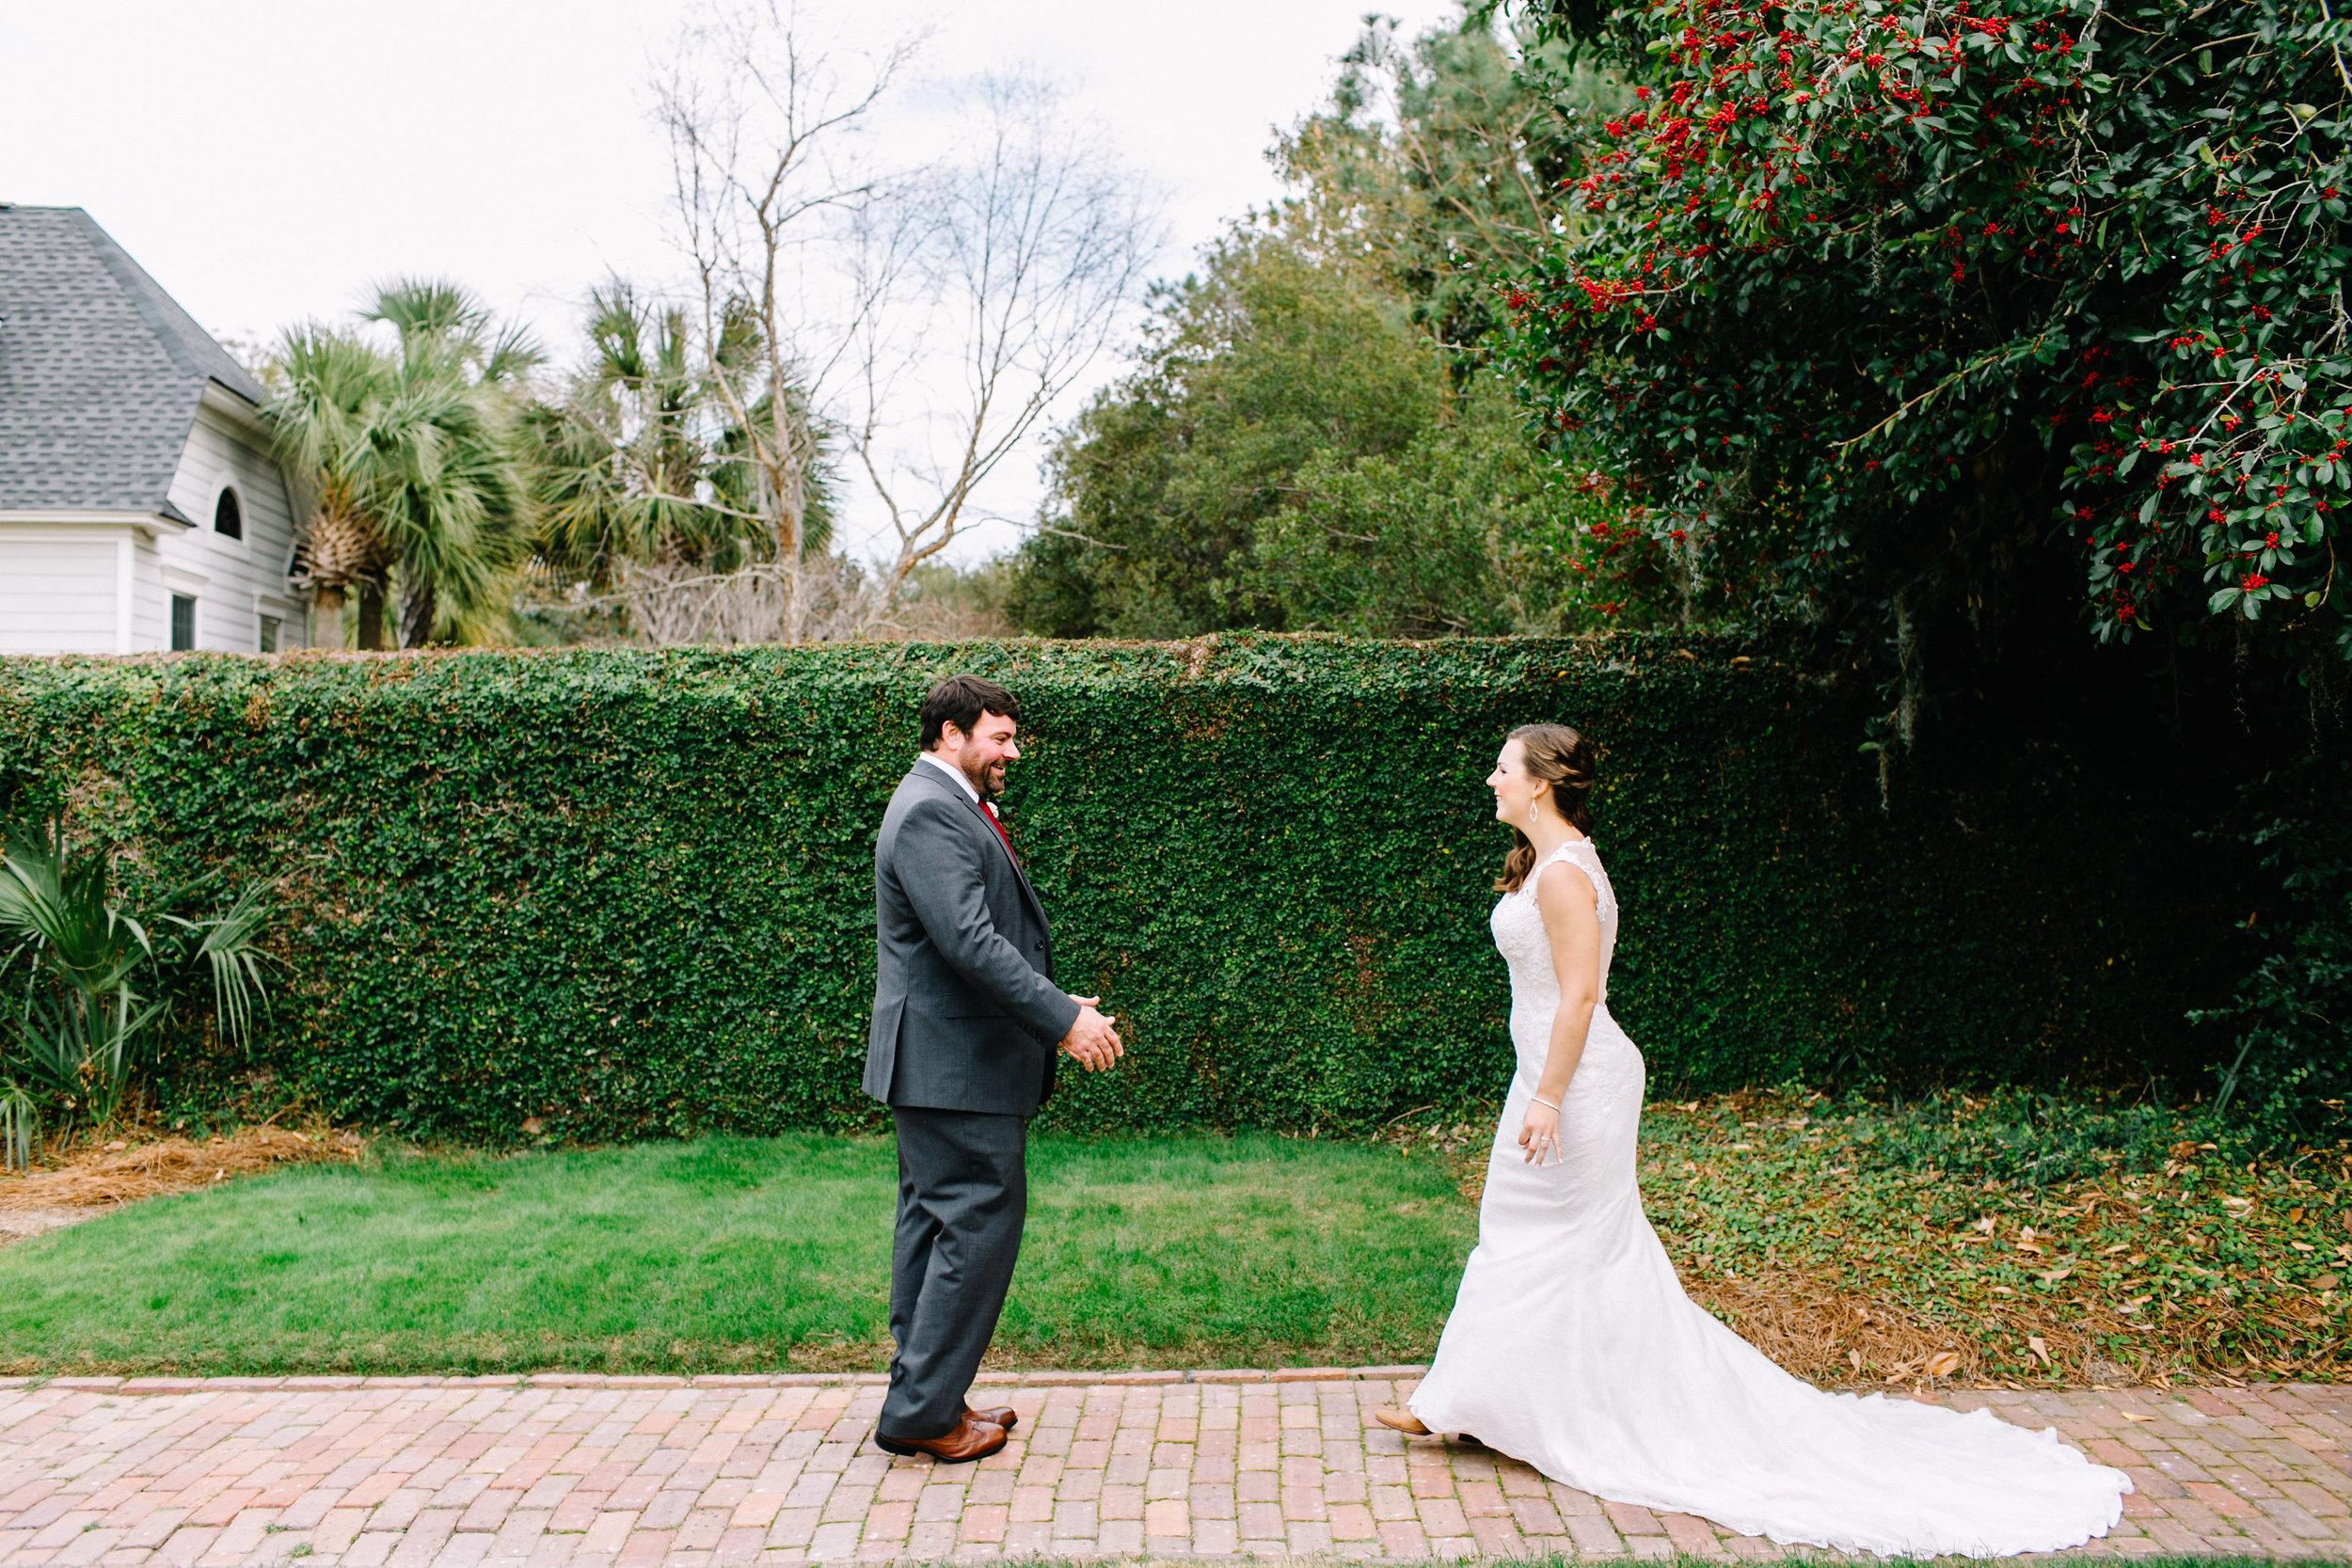 dunes-west-wedding-7.jpg